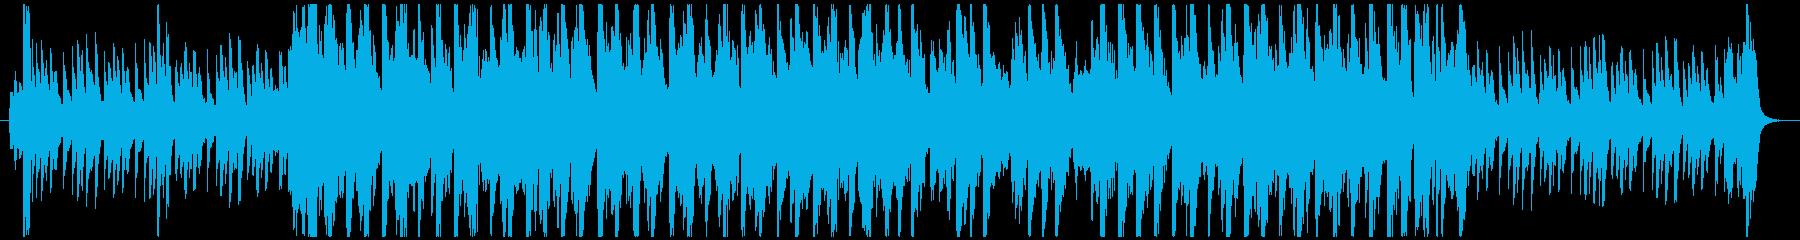 真夏をイメージしたアップテンポなボサノバの再生済みの波形